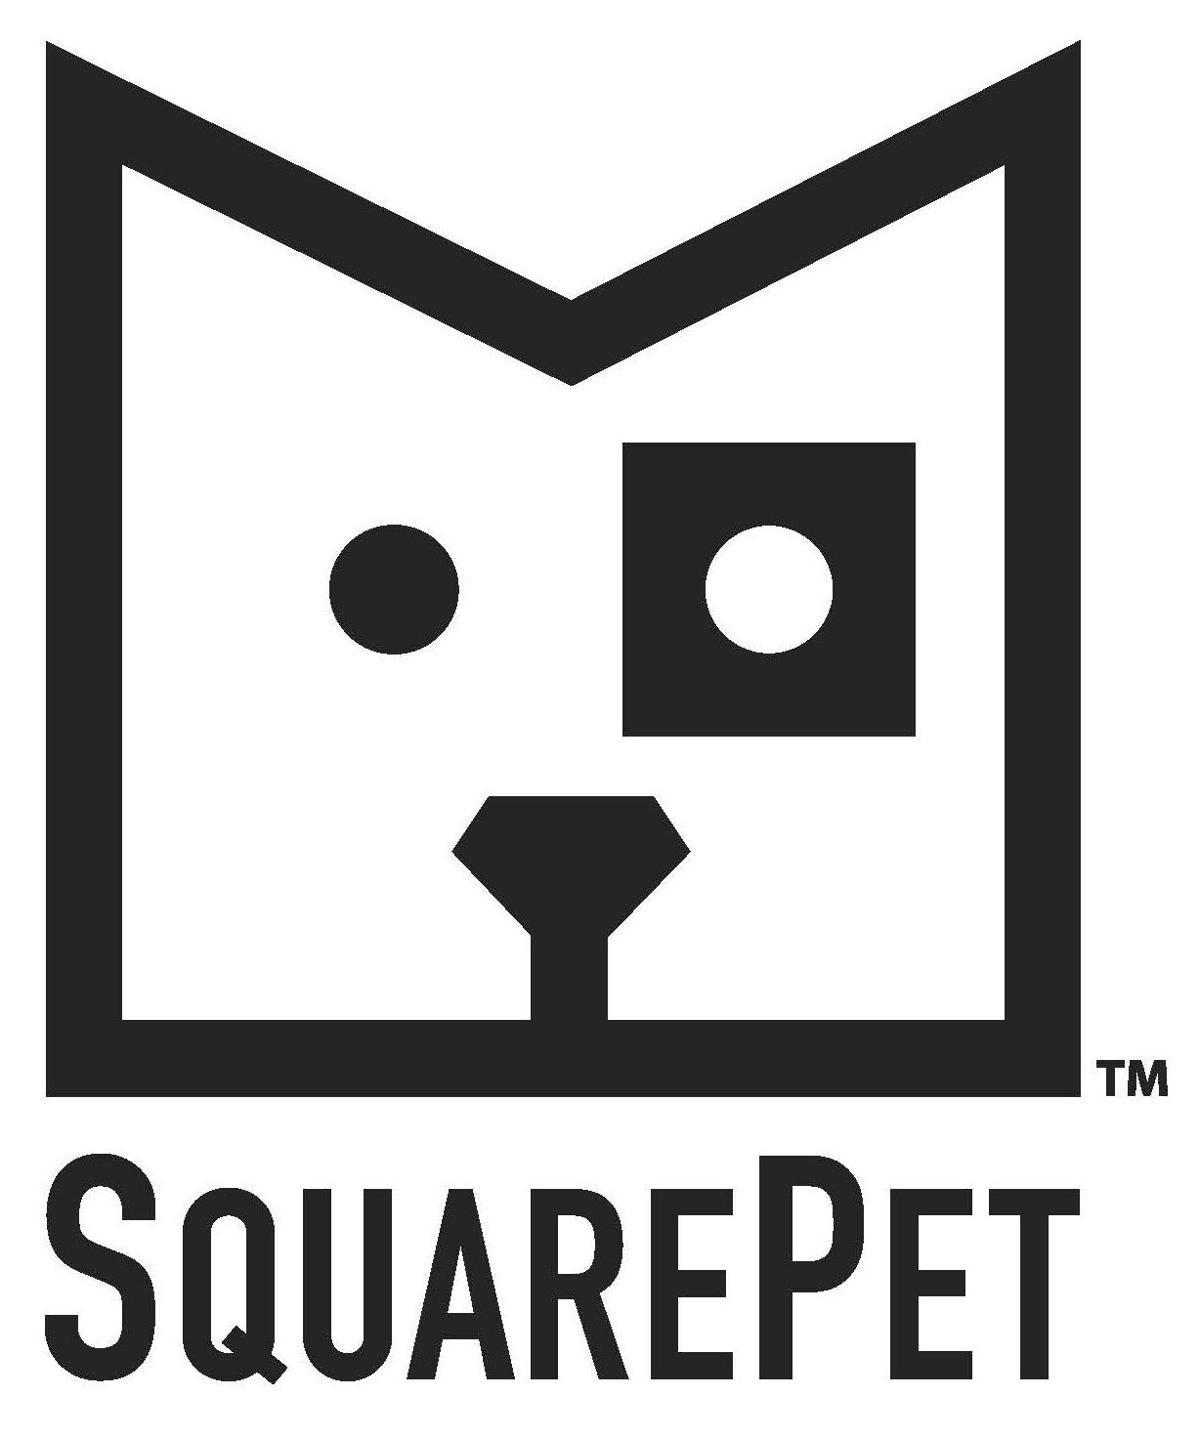 SquarePet JPG logo BLACK ON WHITE STACKED.jpg